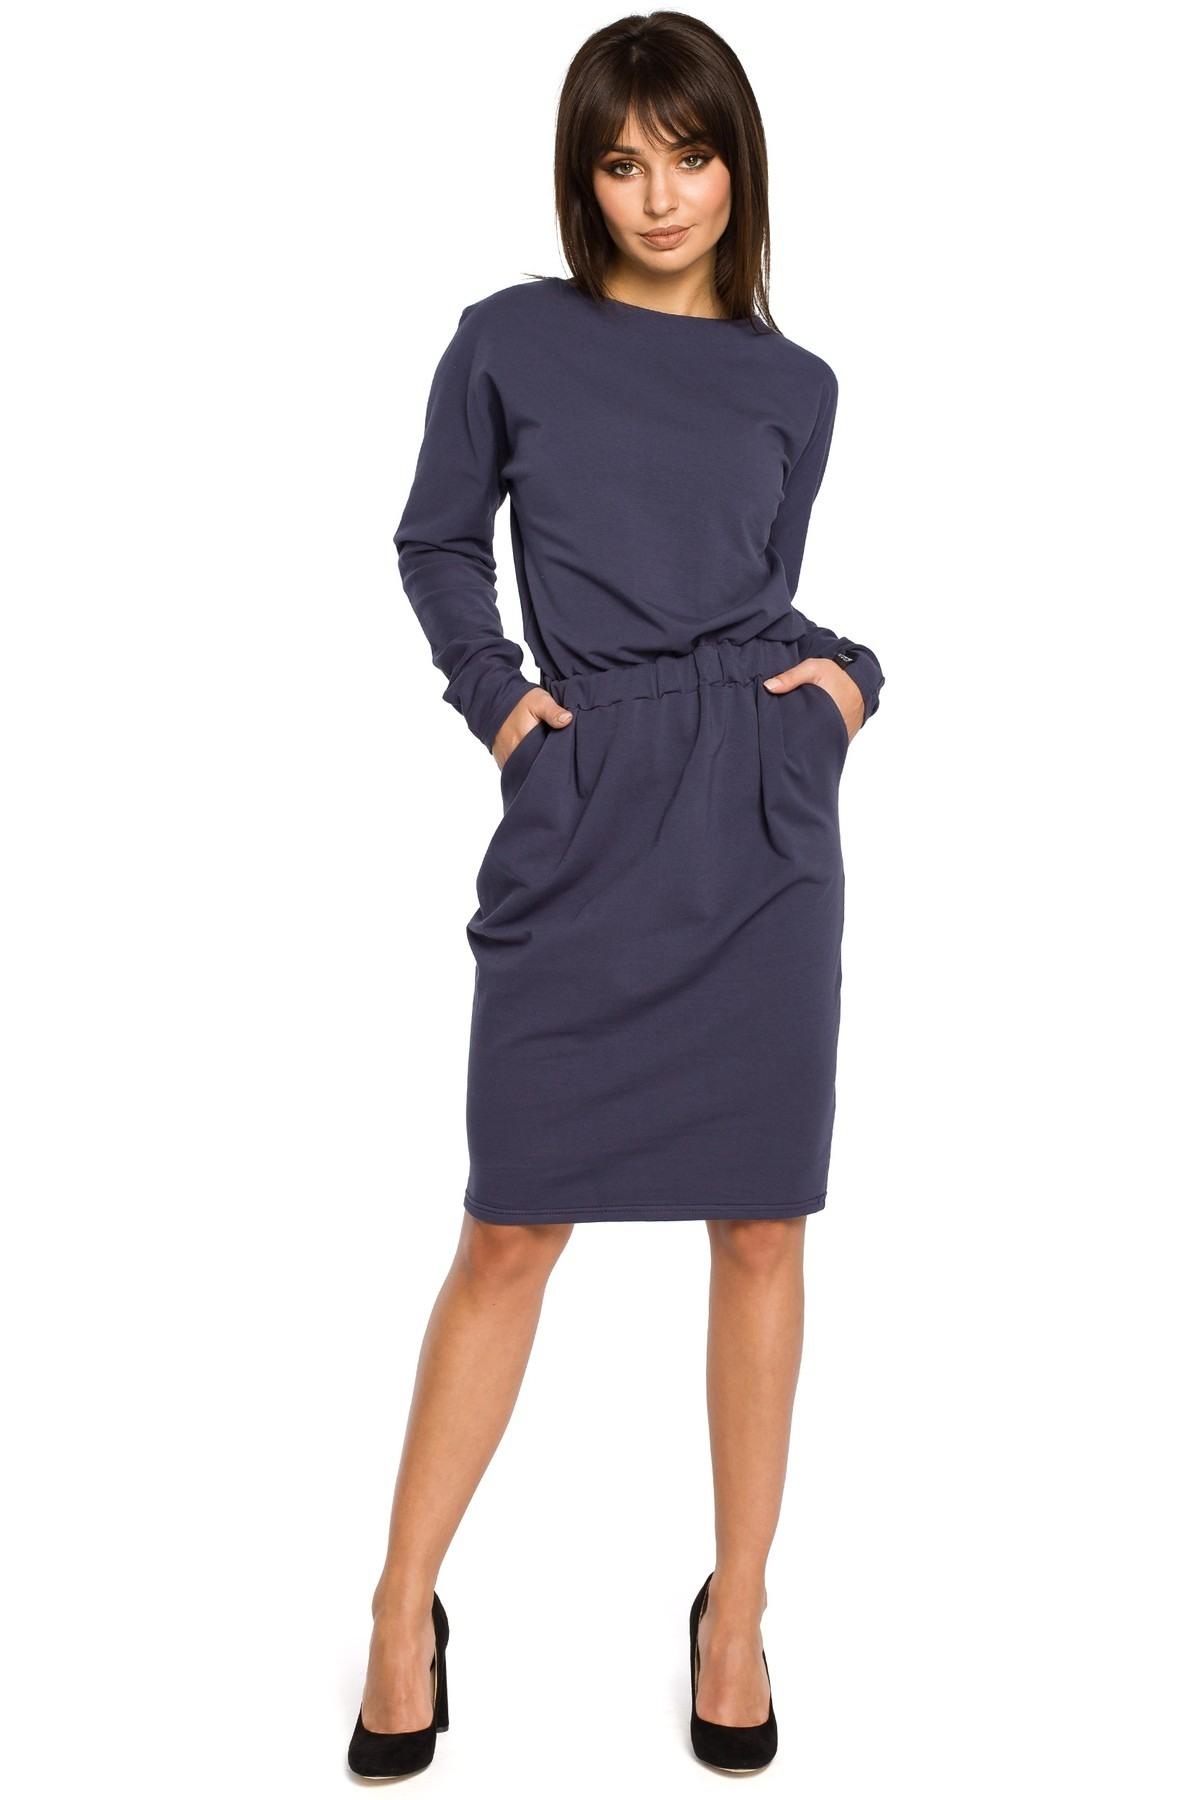 Ausgezeichnet Kleider Mit Ärmel für 201910 Luxus Kleider Mit Ärmel Galerie